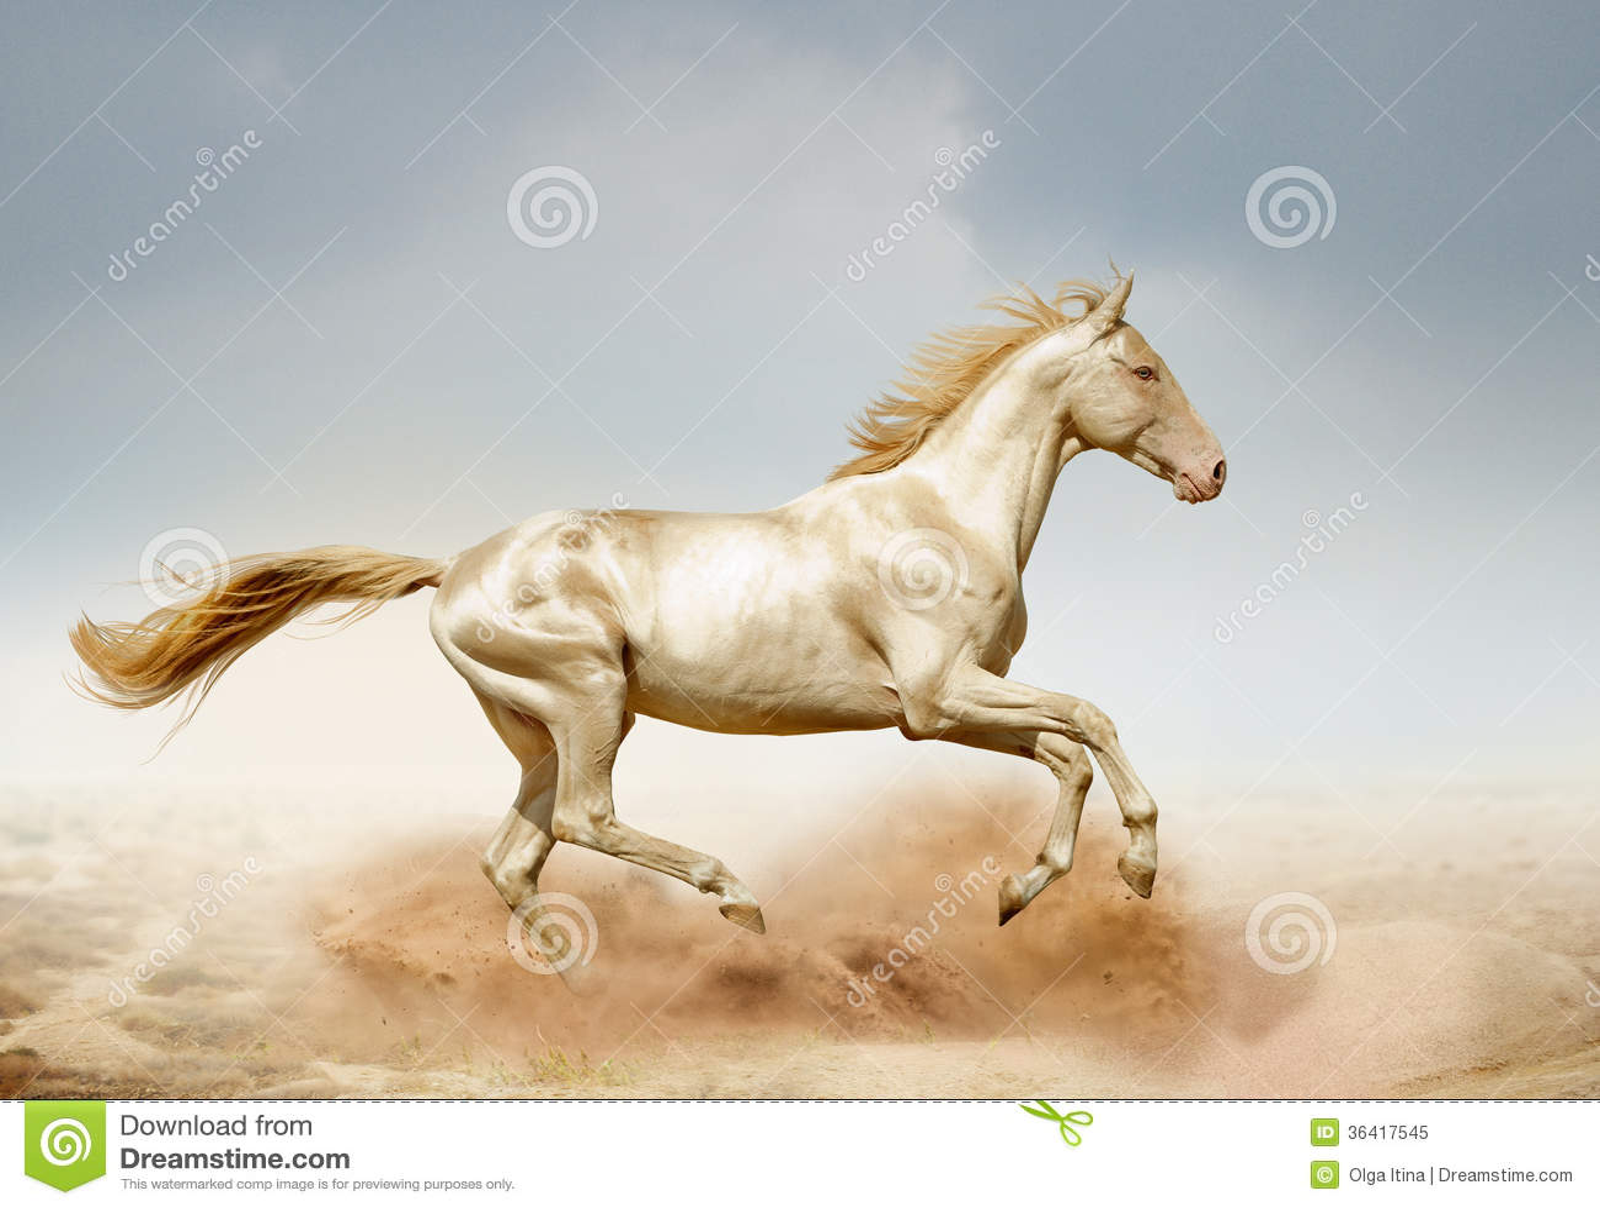 Akhal-teke horse running in desert